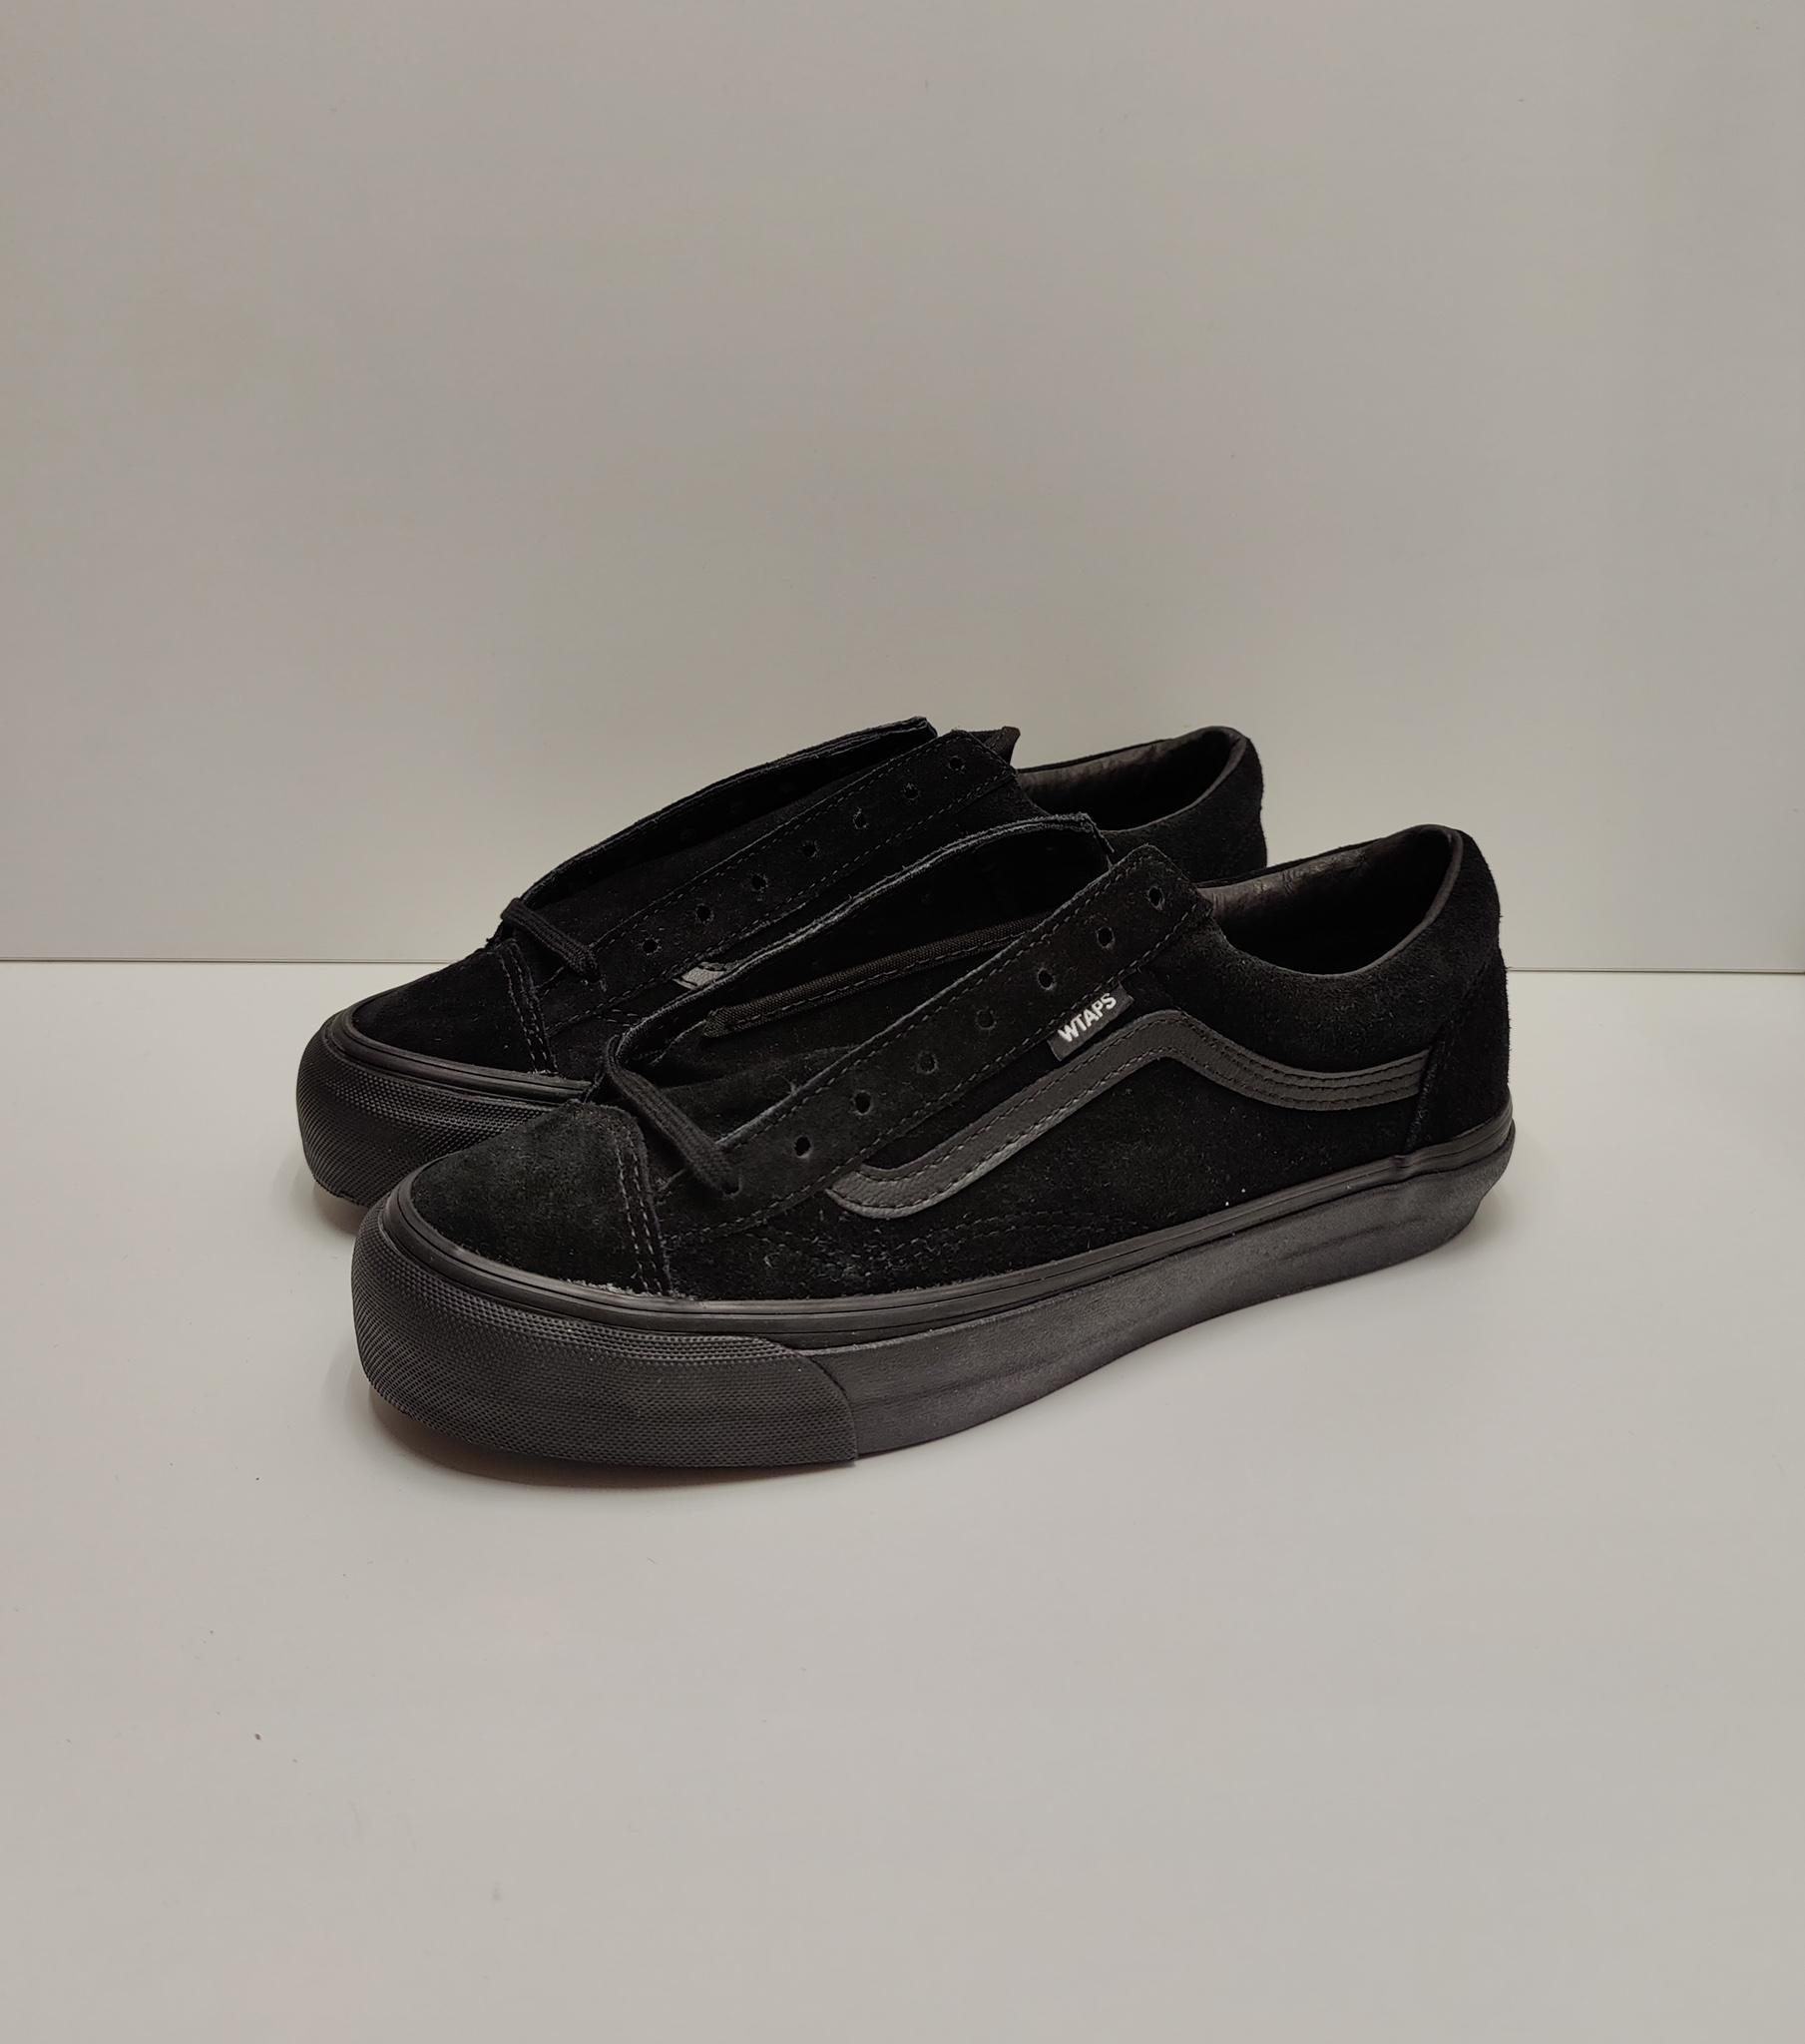 Vans OG Style 36 LX Black WTAPS